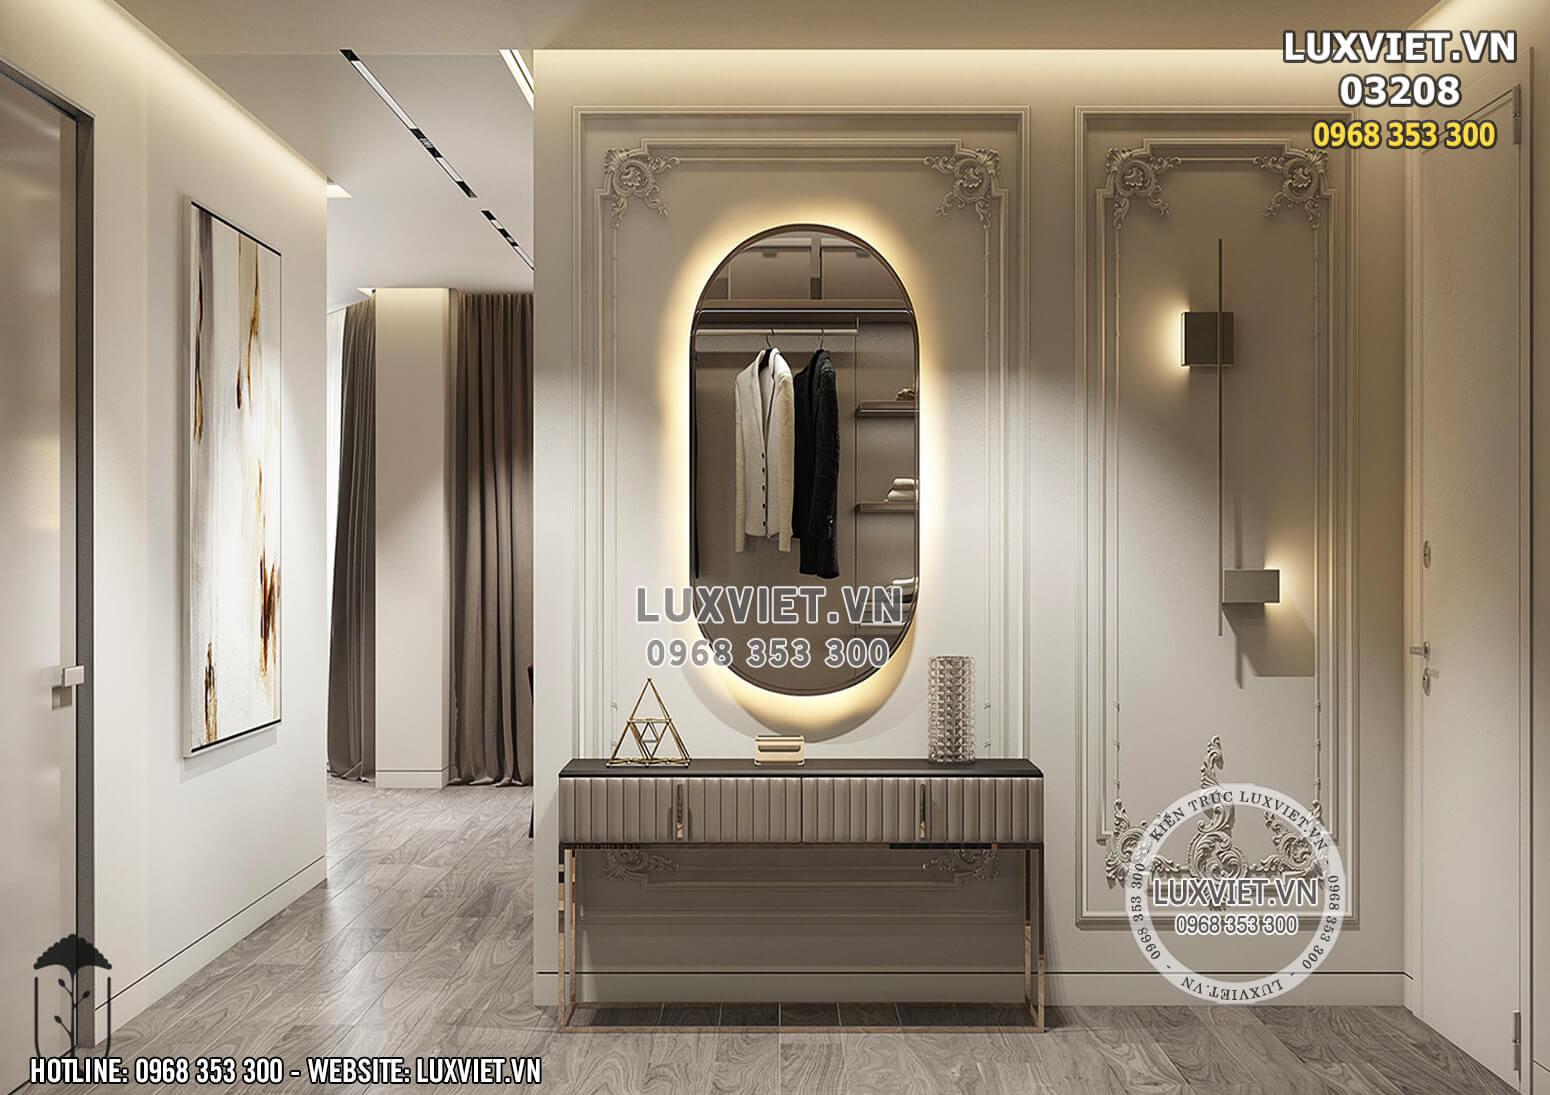 Hình ảnh: Thiết kế nhà chung cư hiện đại - LV 03208